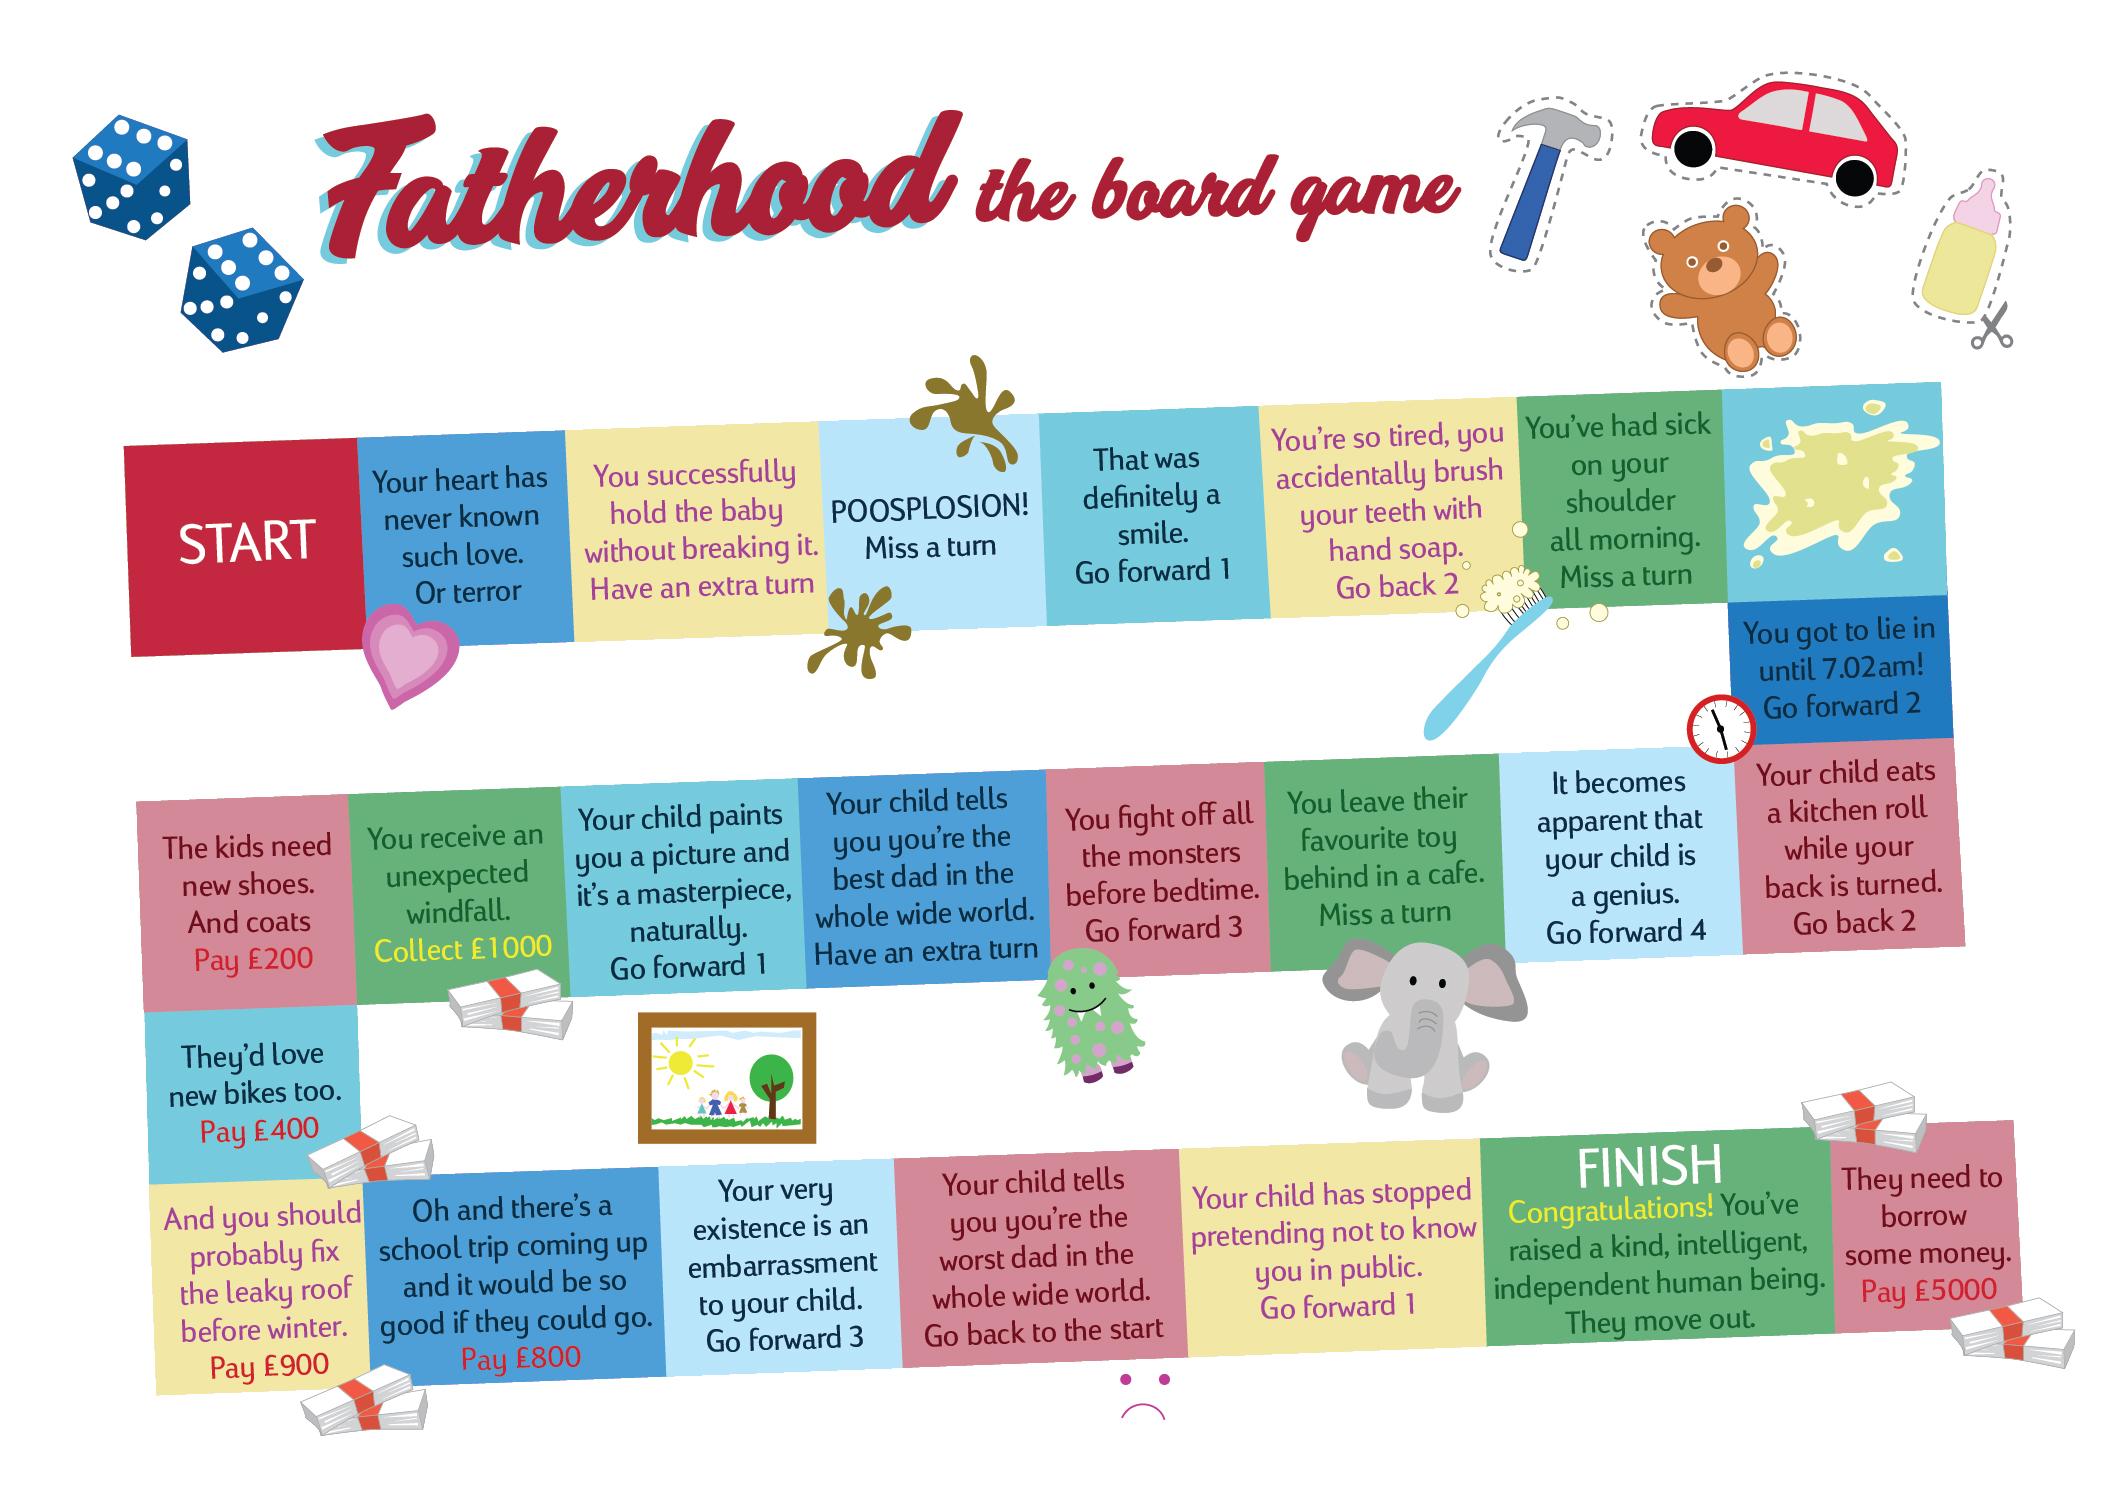 Fatherhood the boardgame.jpg